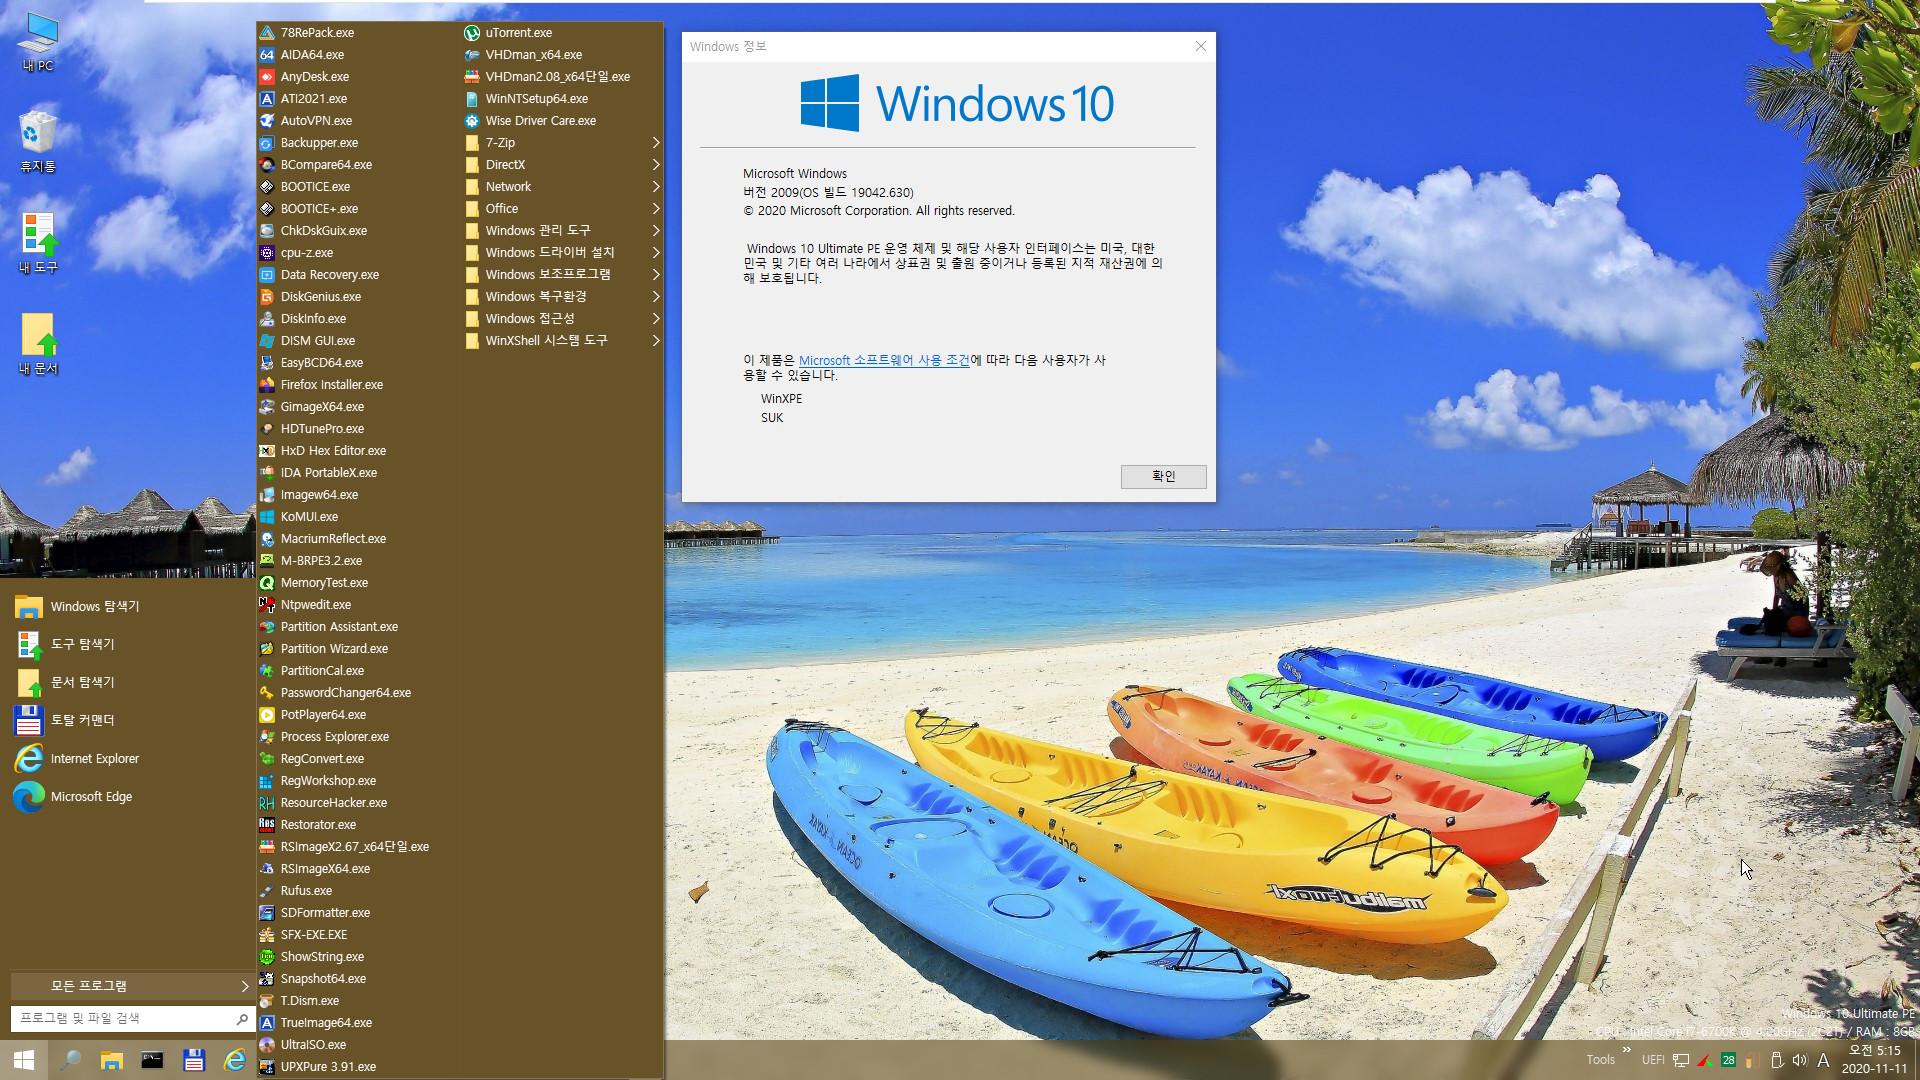 2020-11-11 수요일 정기 업데이트 통합 PRO x64 2개 - Windows 10 버전 2004 + 버전 20H2 누적 업데이트 KB4586781 (OS 빌드 19041.630 + 19042.630) - PE 만들기 테스트 2020-11-11_051527.jpg